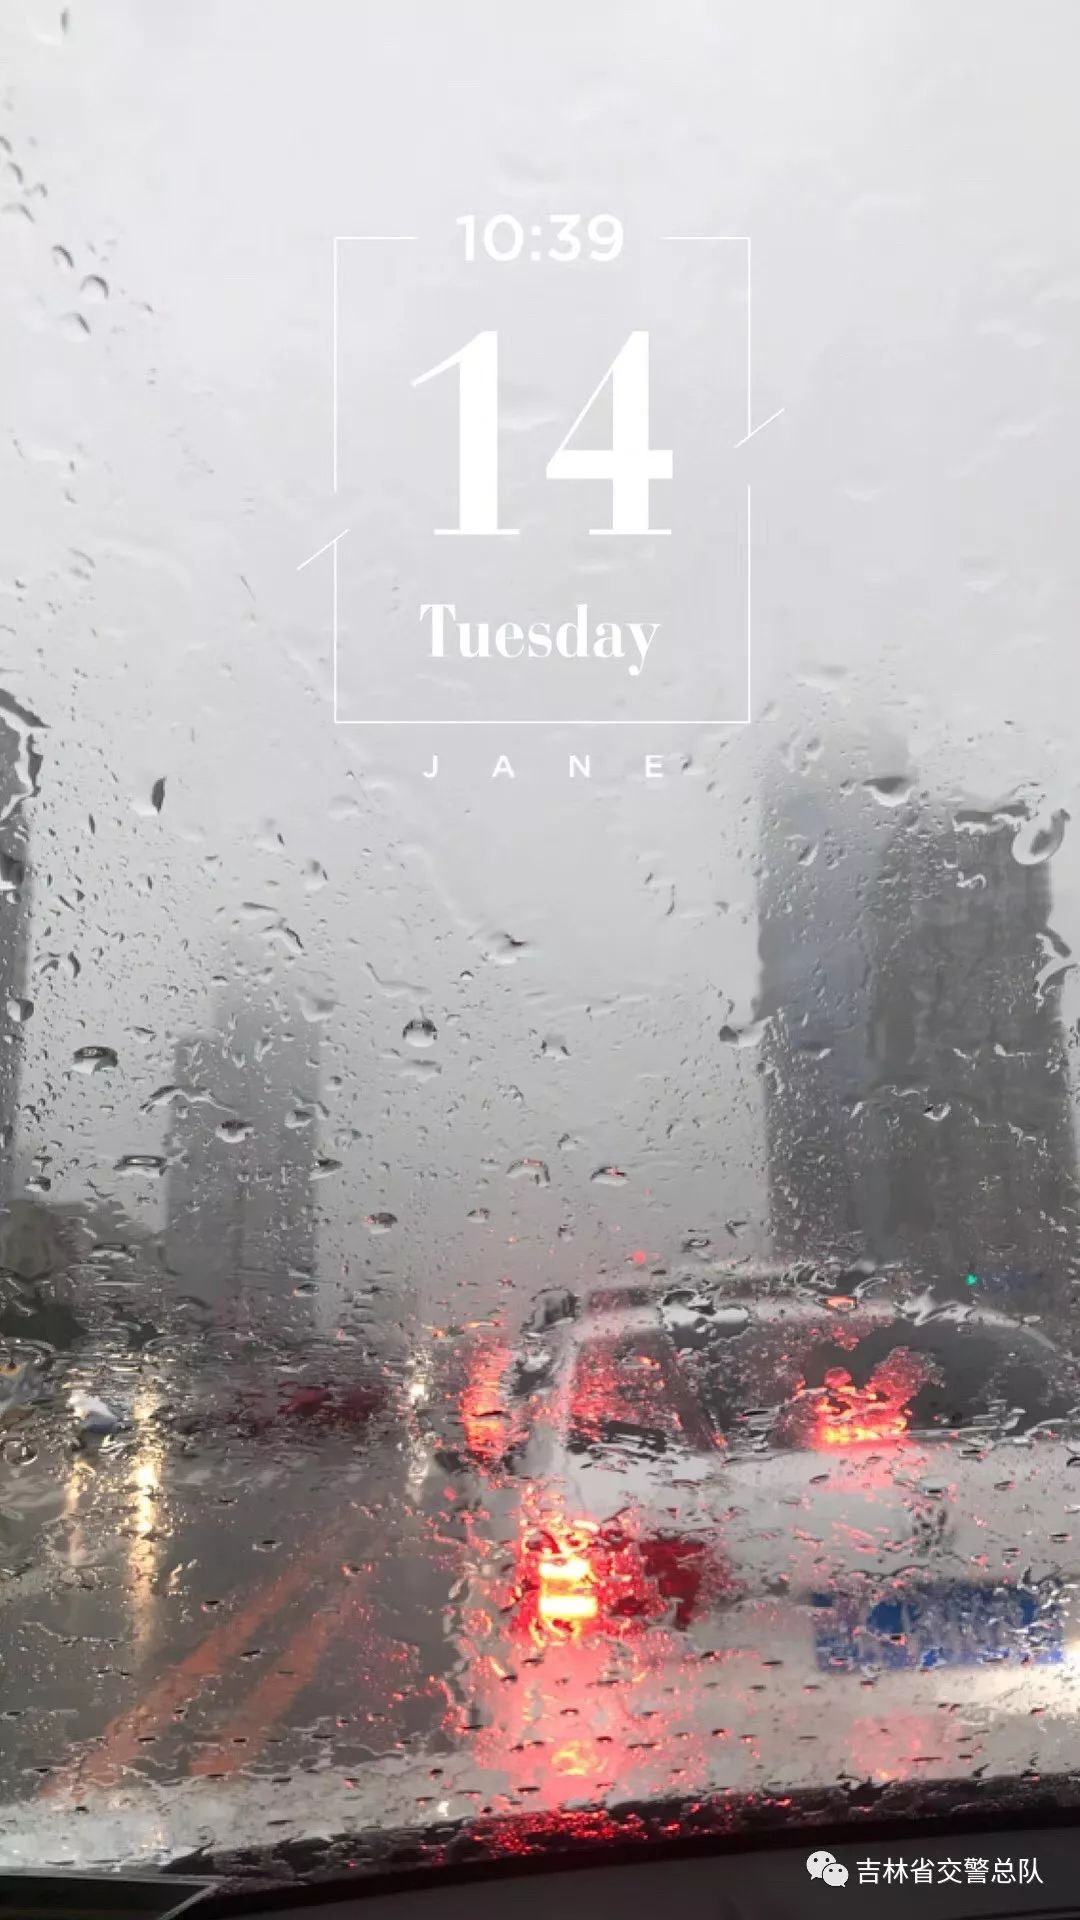 风雨中的坚守:强降雨来袭,交警蜀黍雨中执勤保畅通